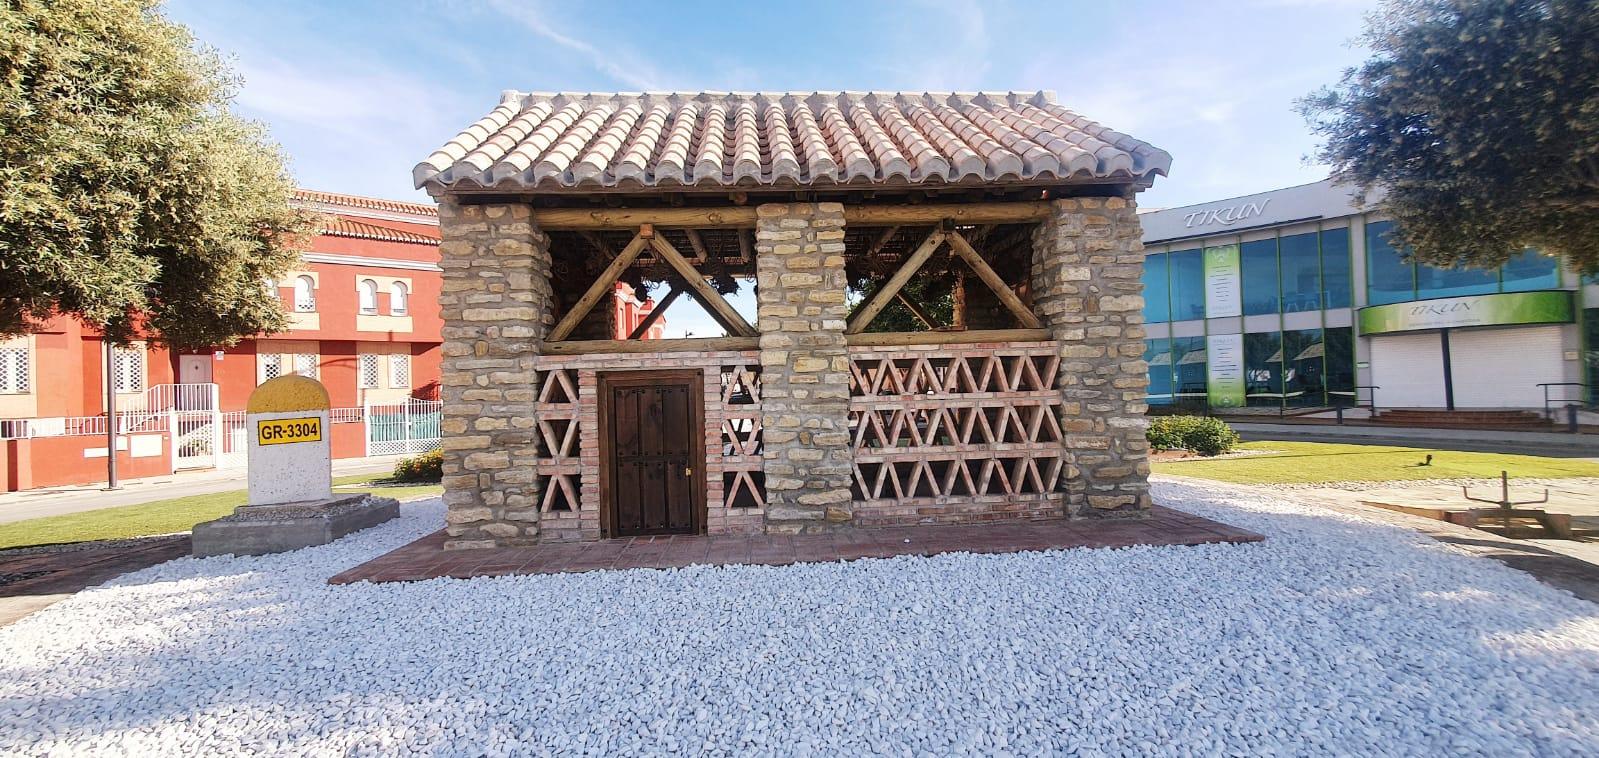 Un secadero de tabaco dará la bienvenida a los visitantes que lleguen a Cúllar Vega